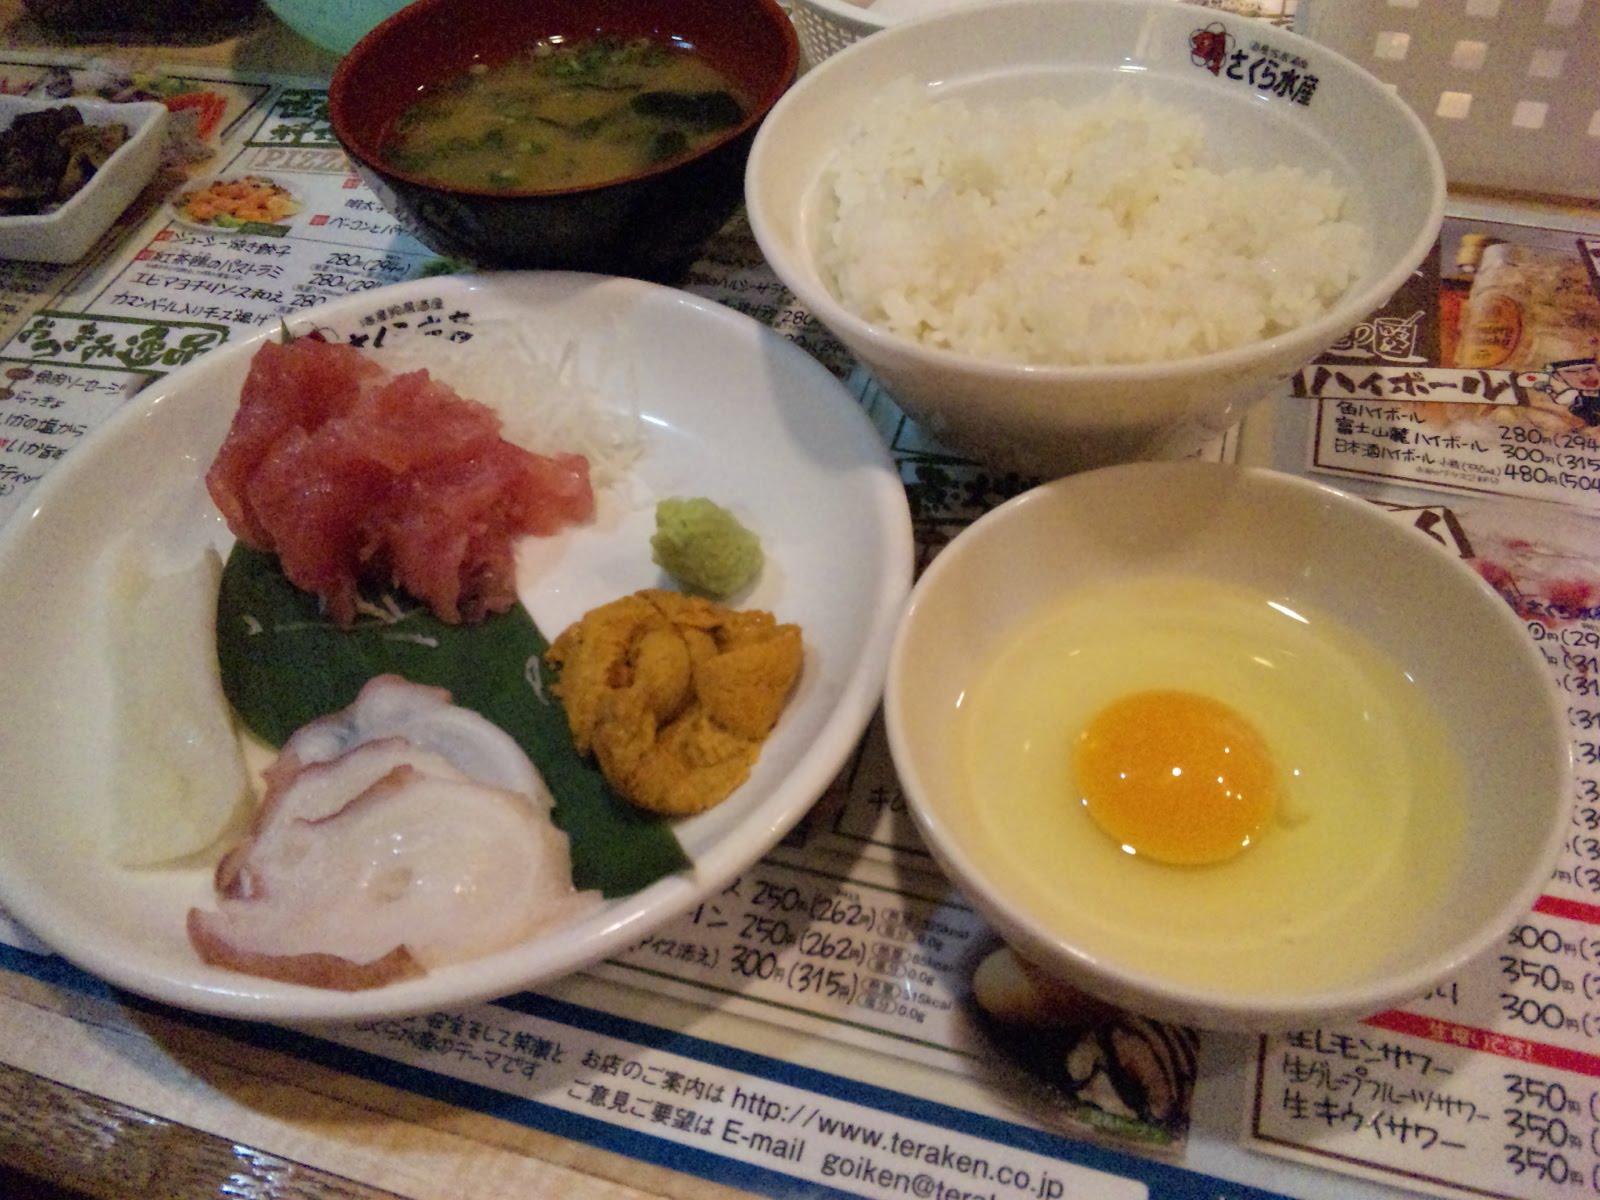 味噌味 本店 - サラリーマンの外食日記: ランチ @ さくら水産 ...